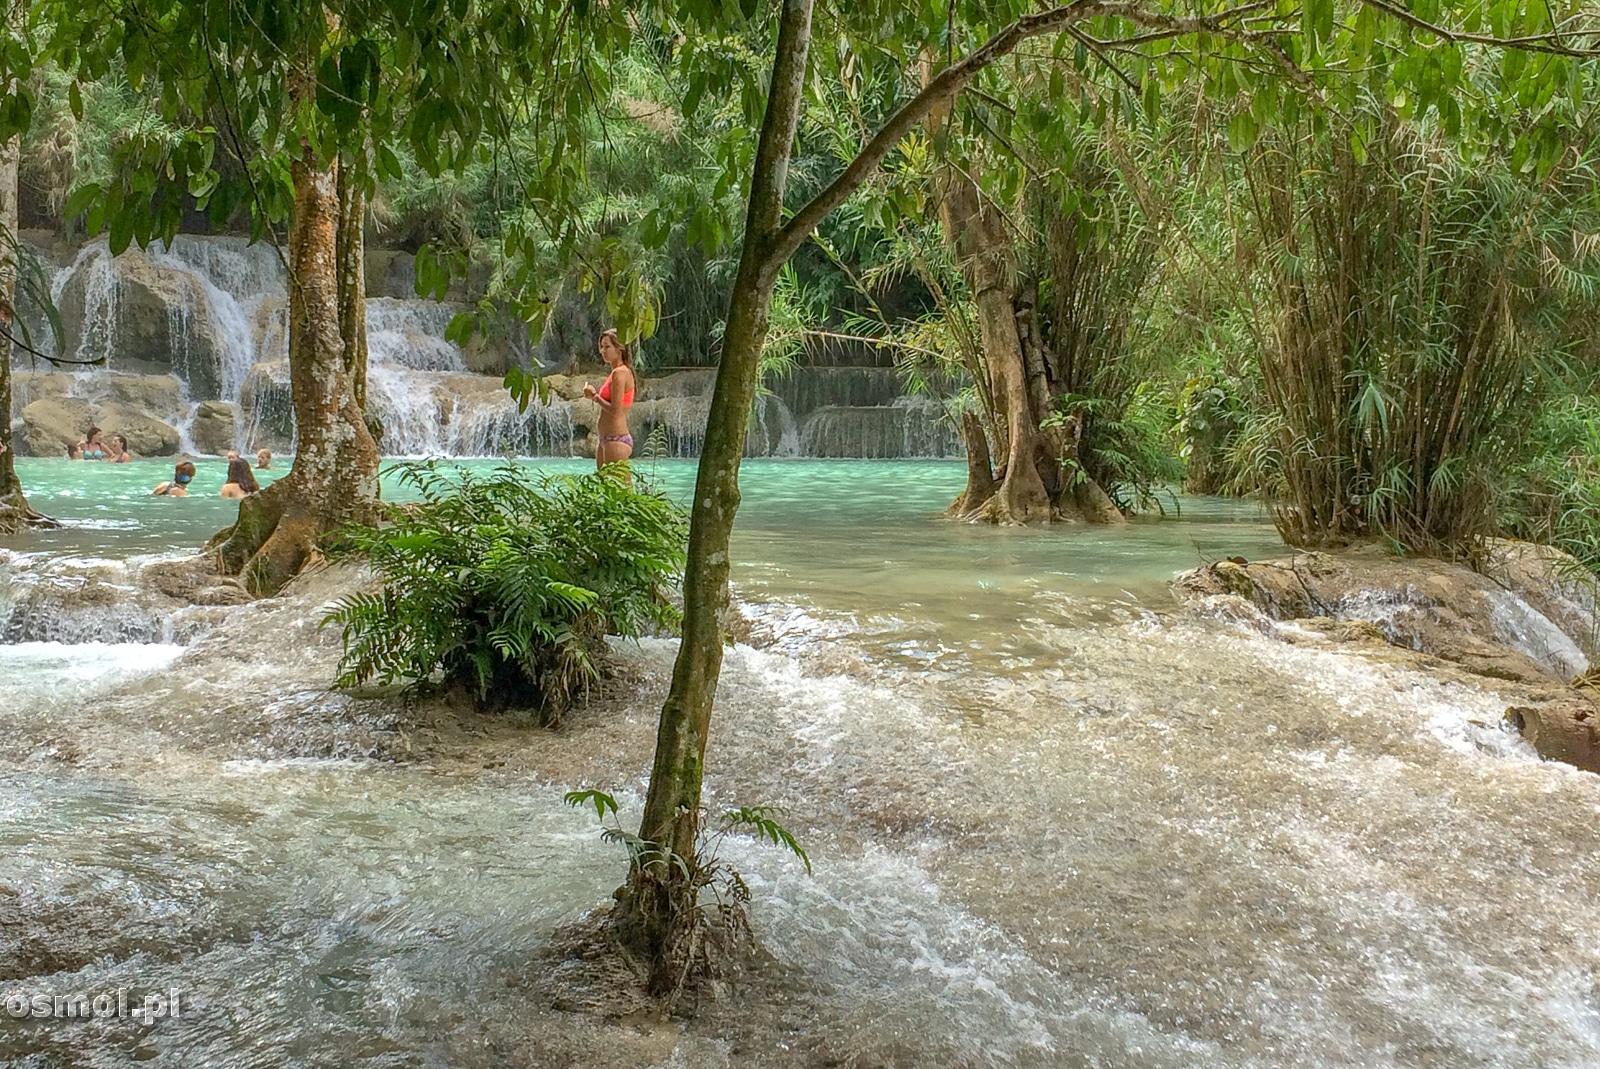 Jeśli nie chcemy kąpieli w głębokiej wodzie, zawsze możemy przejść do płytszej za to bardziej rwącej wody, spływającej do niższych wapiennych basenów.